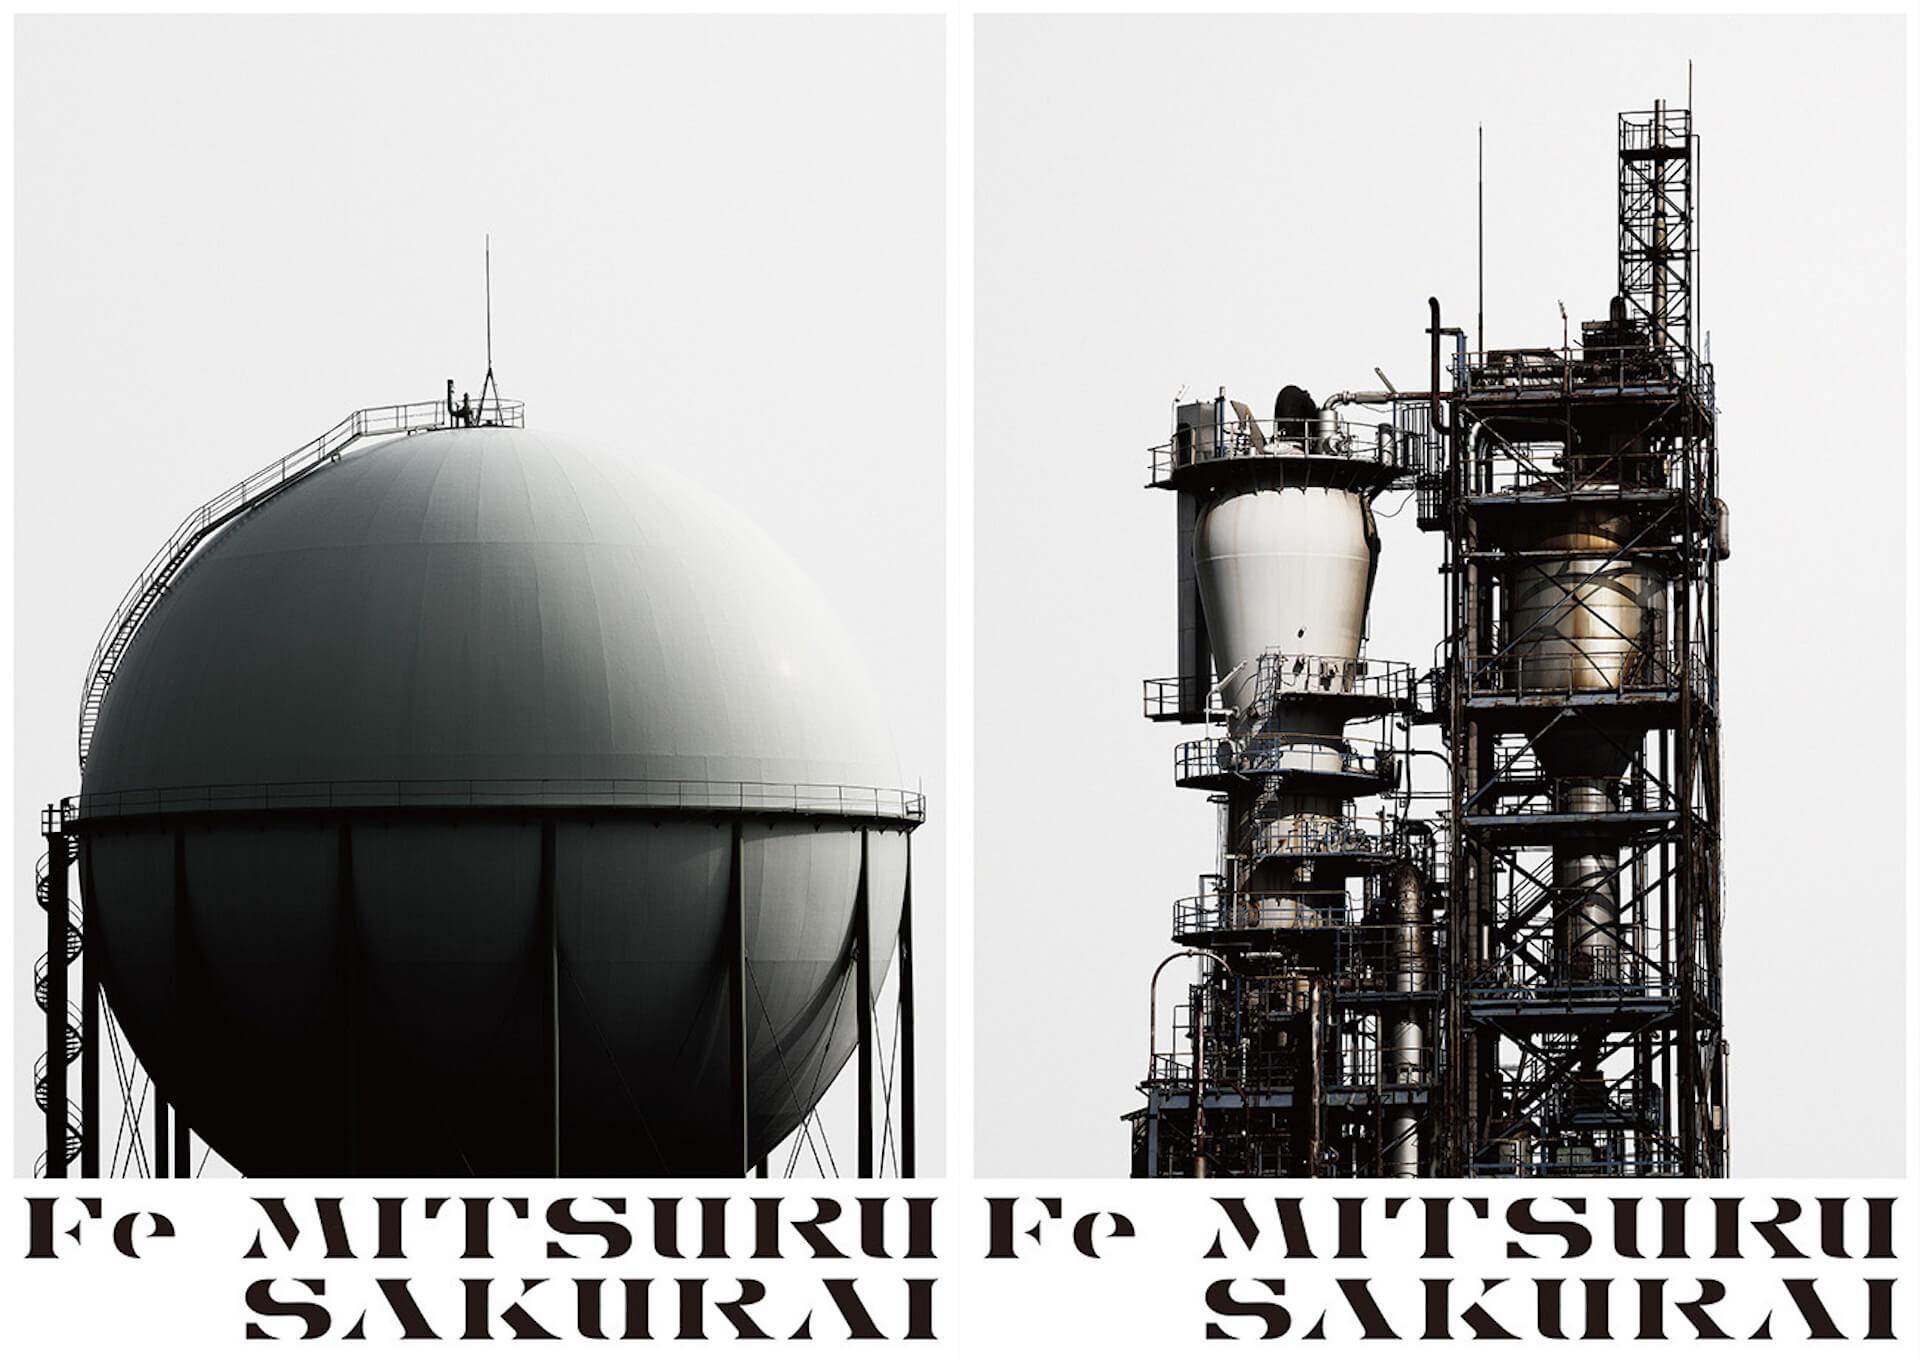 鉄をテーマとする写真家・櫻井充の写真展<Fe>開催決定|東京タワー、スカイツリーも登場する「鉄塔シリーズ」などが展示 ac200225_sakuraimitsuru_fe_02